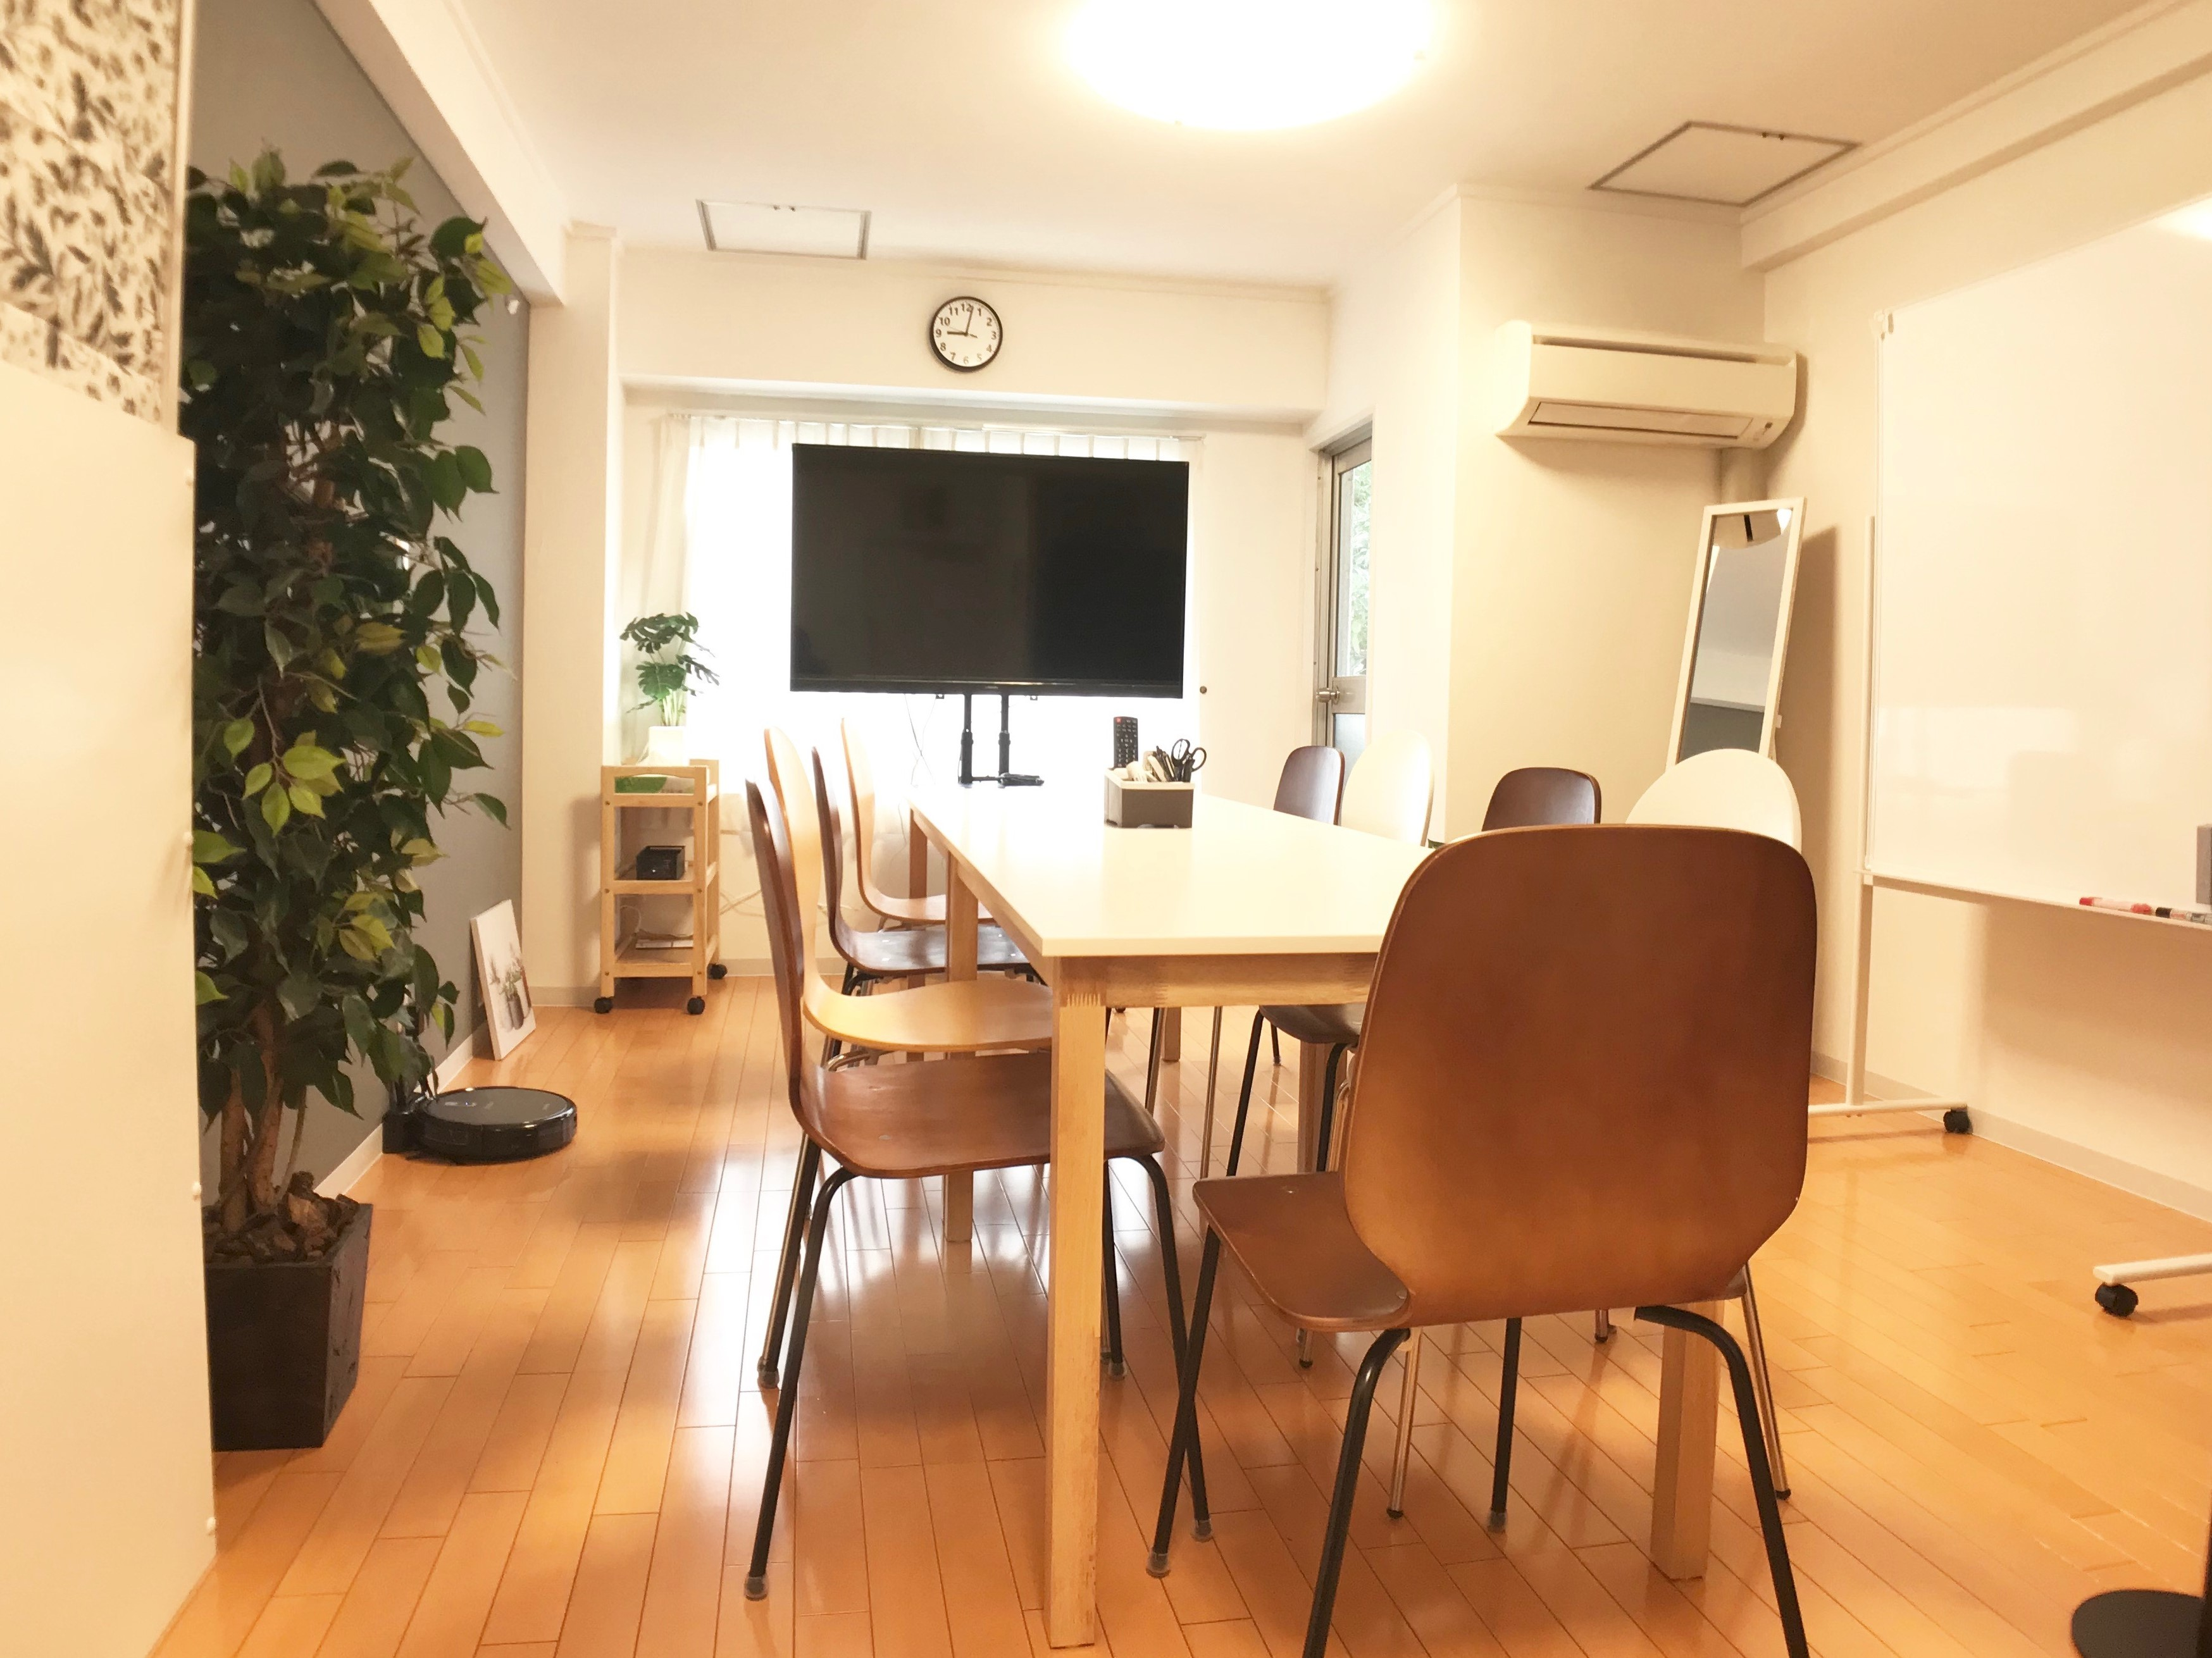 楽らく会議室 東陽町 <お洒落で機能的な駅近の会議室>の室内の写真